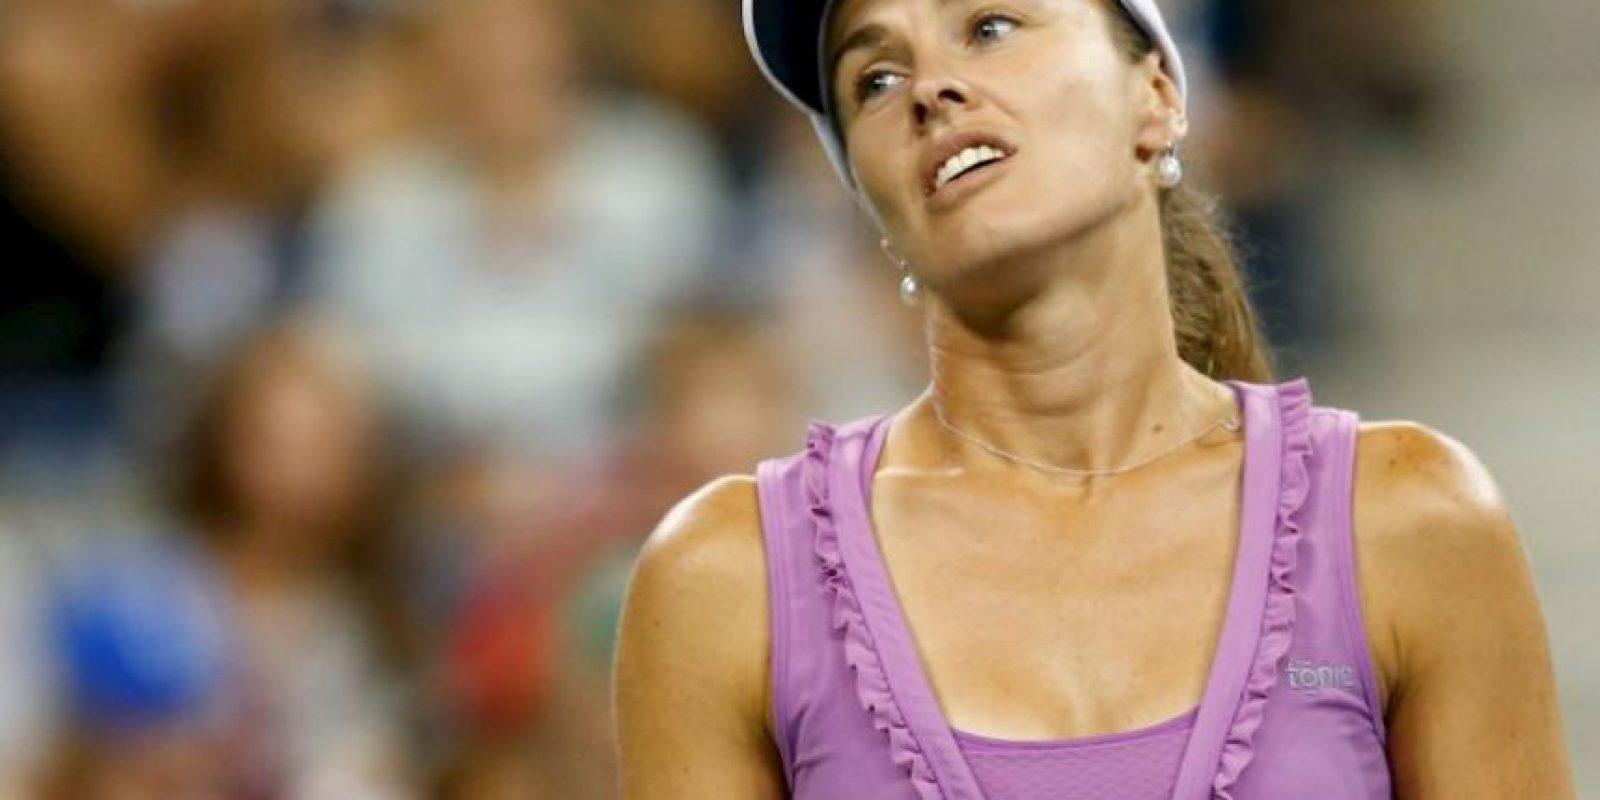 Martina Hingis: La tenista suiza confesó en 2007 que había dado positivo por cocaína y fue suspendida por dos años de las pistas Foto:Getty Images